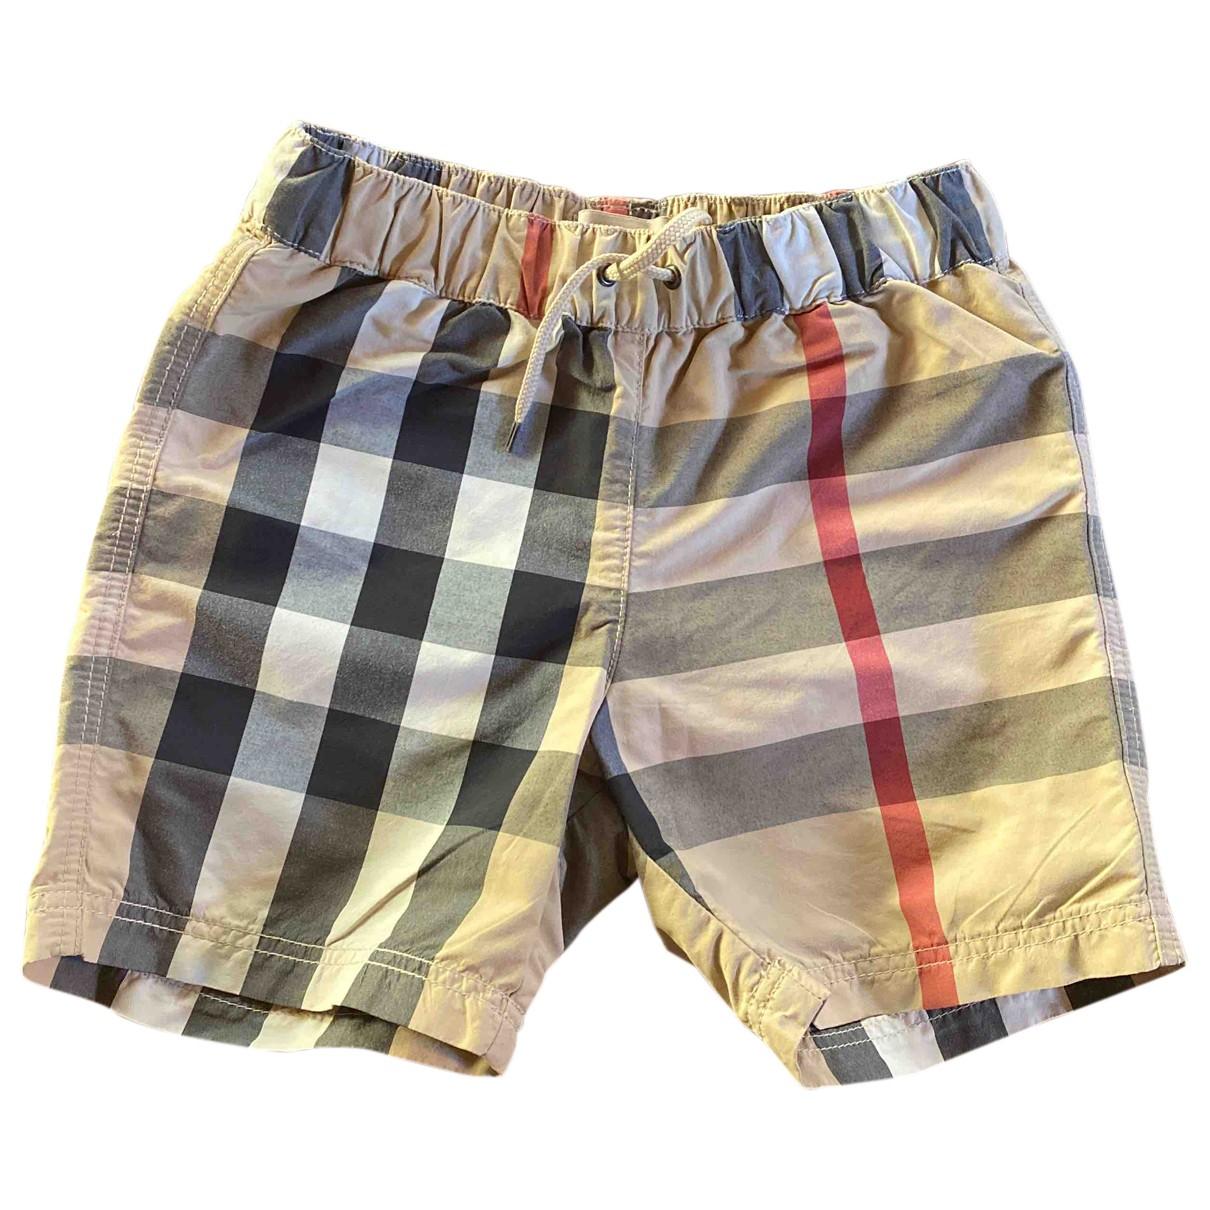 Pantalon corto Burberry